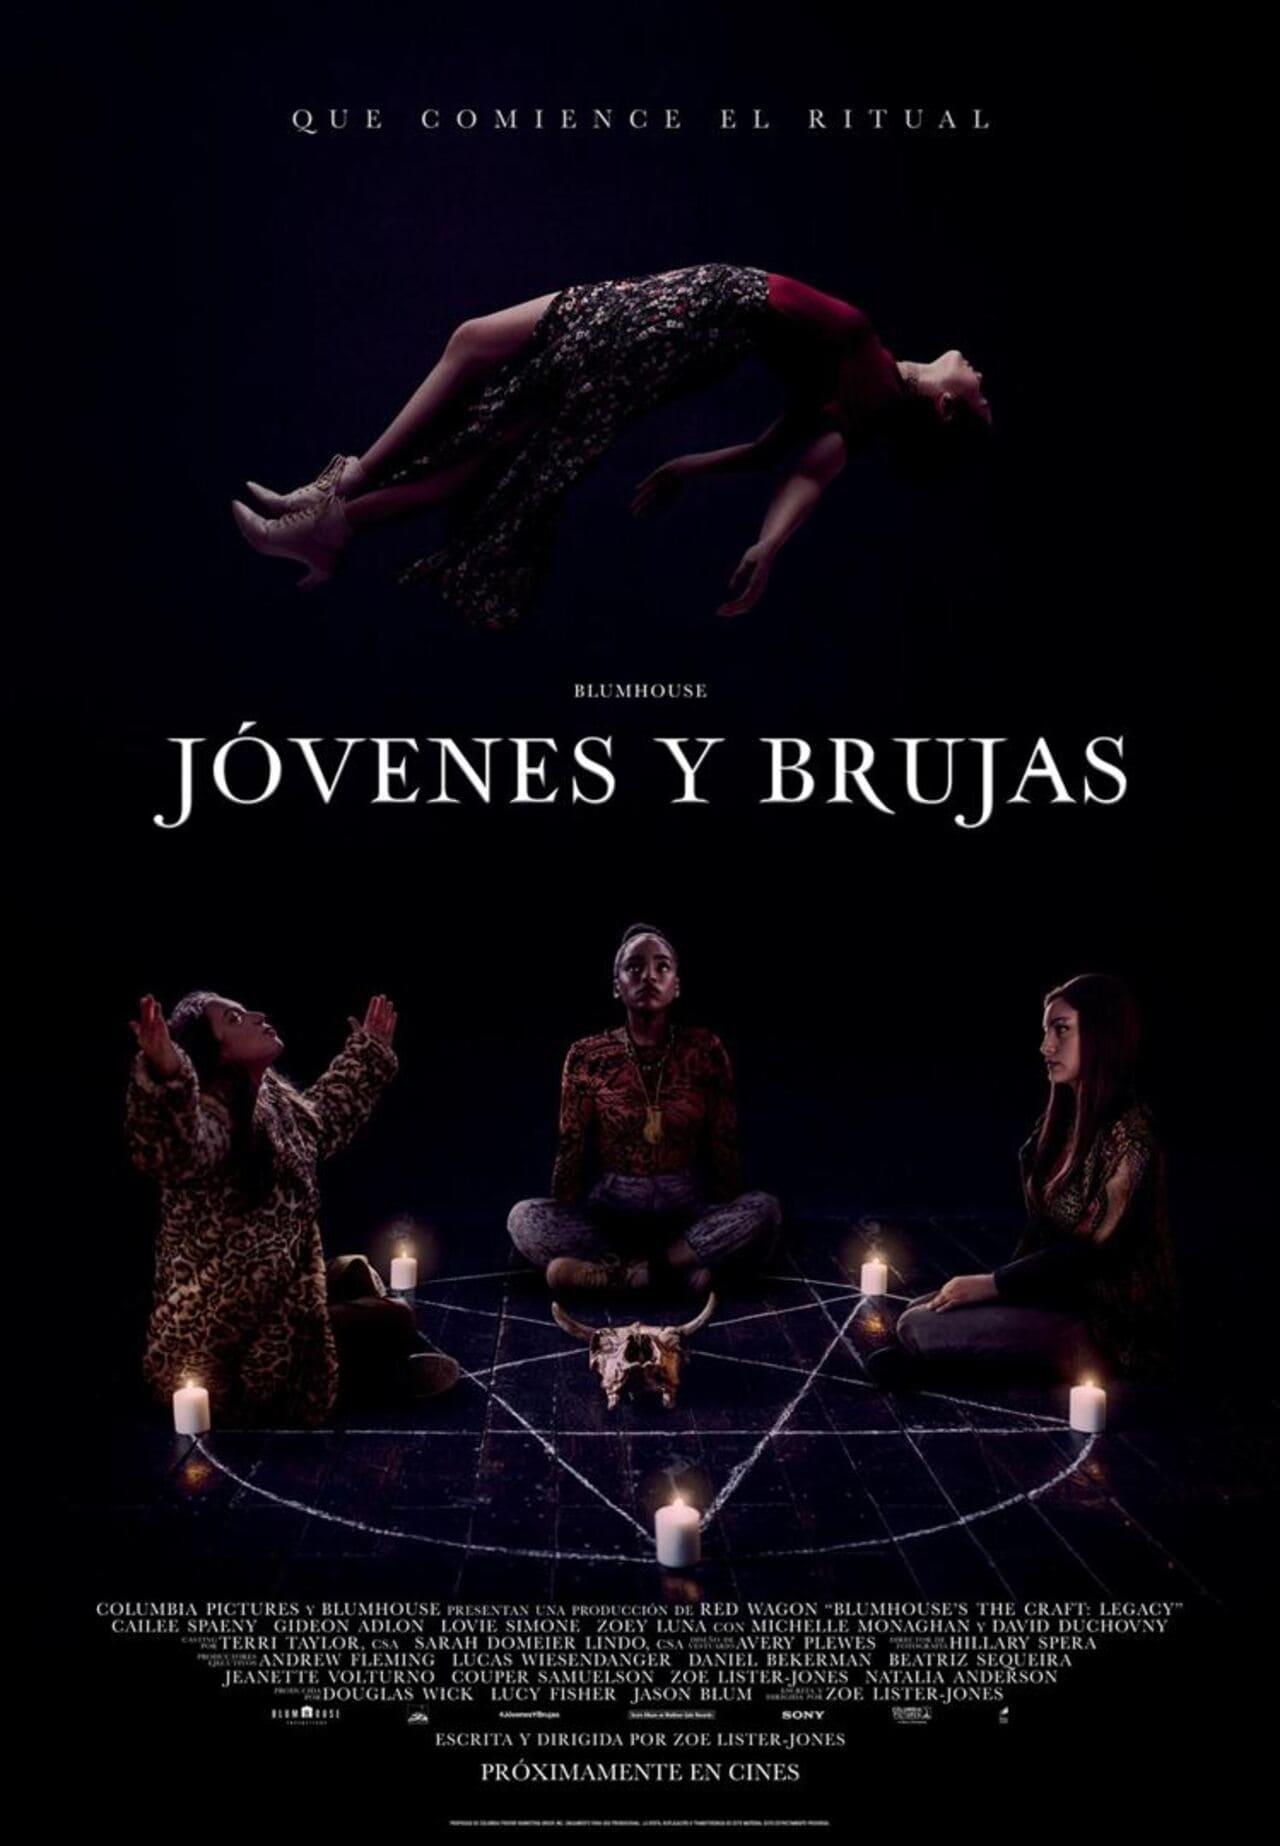 Cartel de la película Jóvenes y brujas 2020